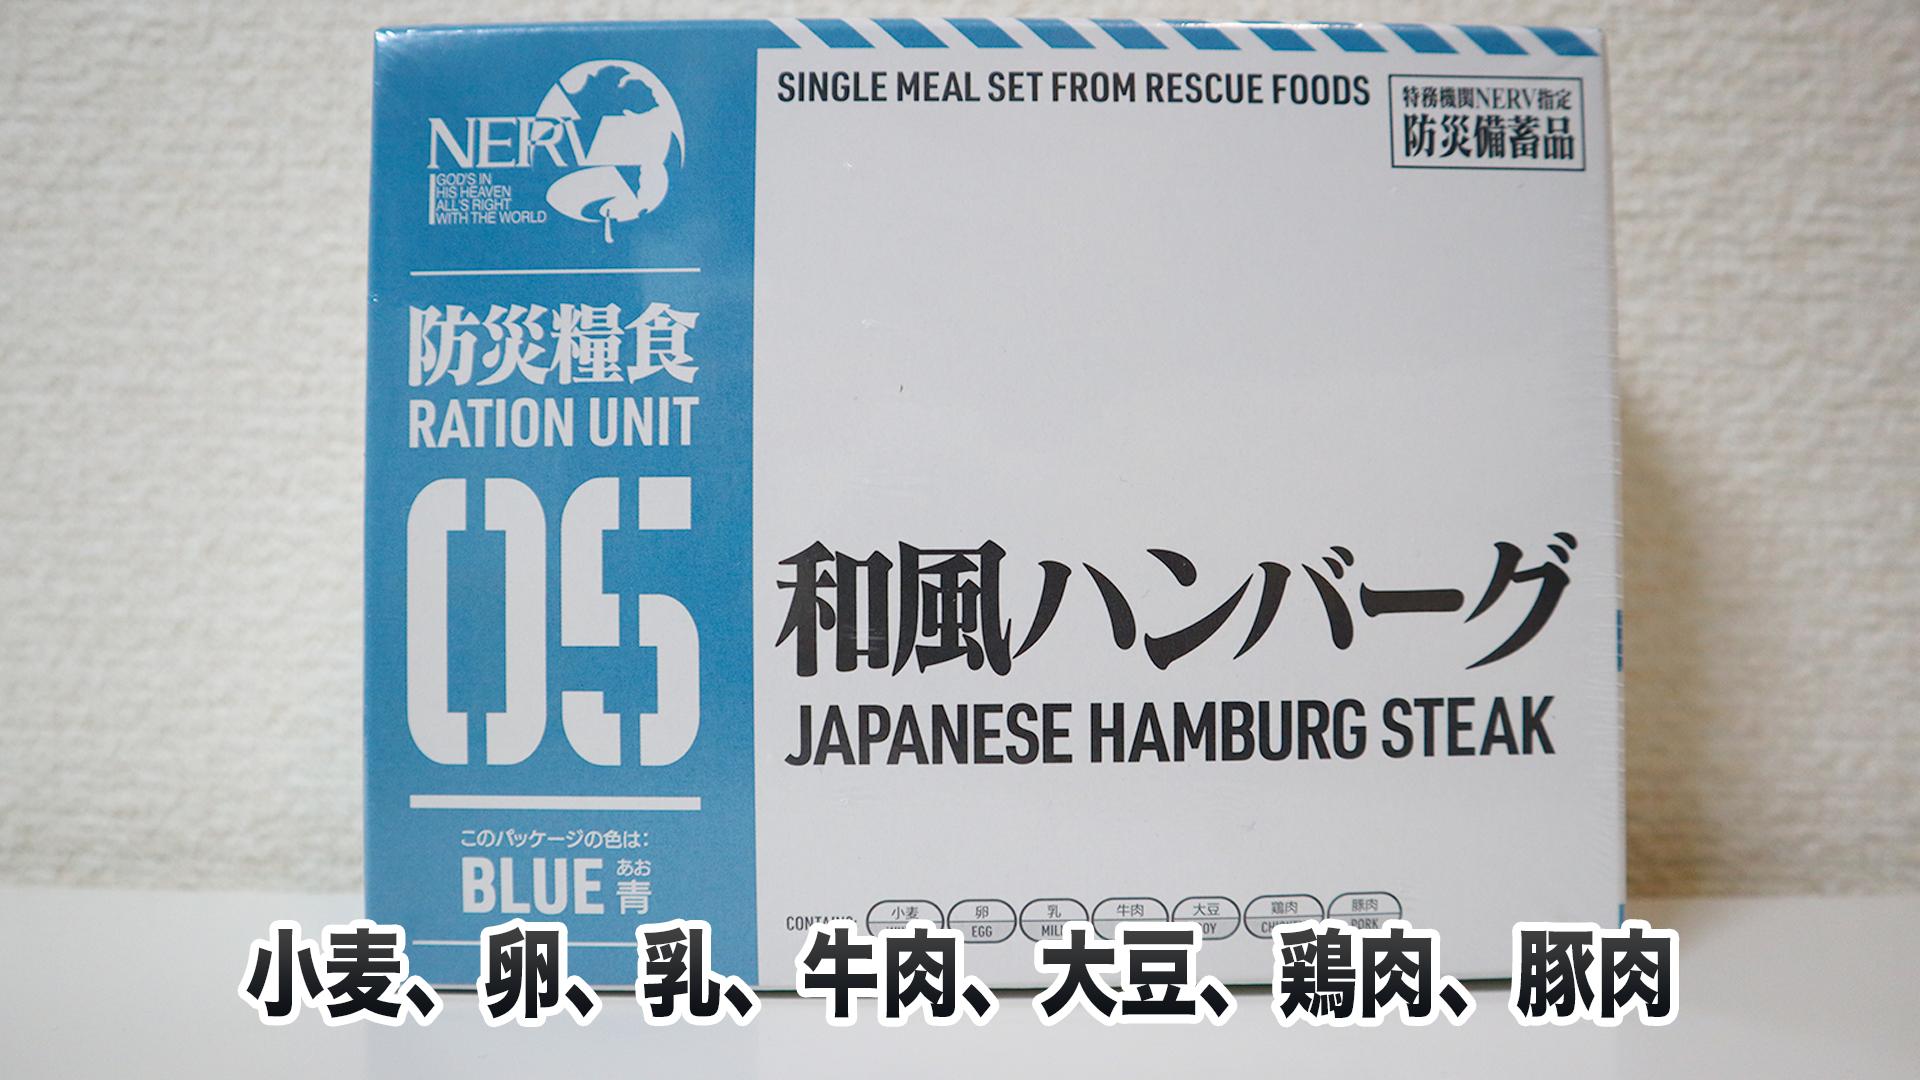 青のパッケージは和風ハンバーグ/アレルギー表示は7種類